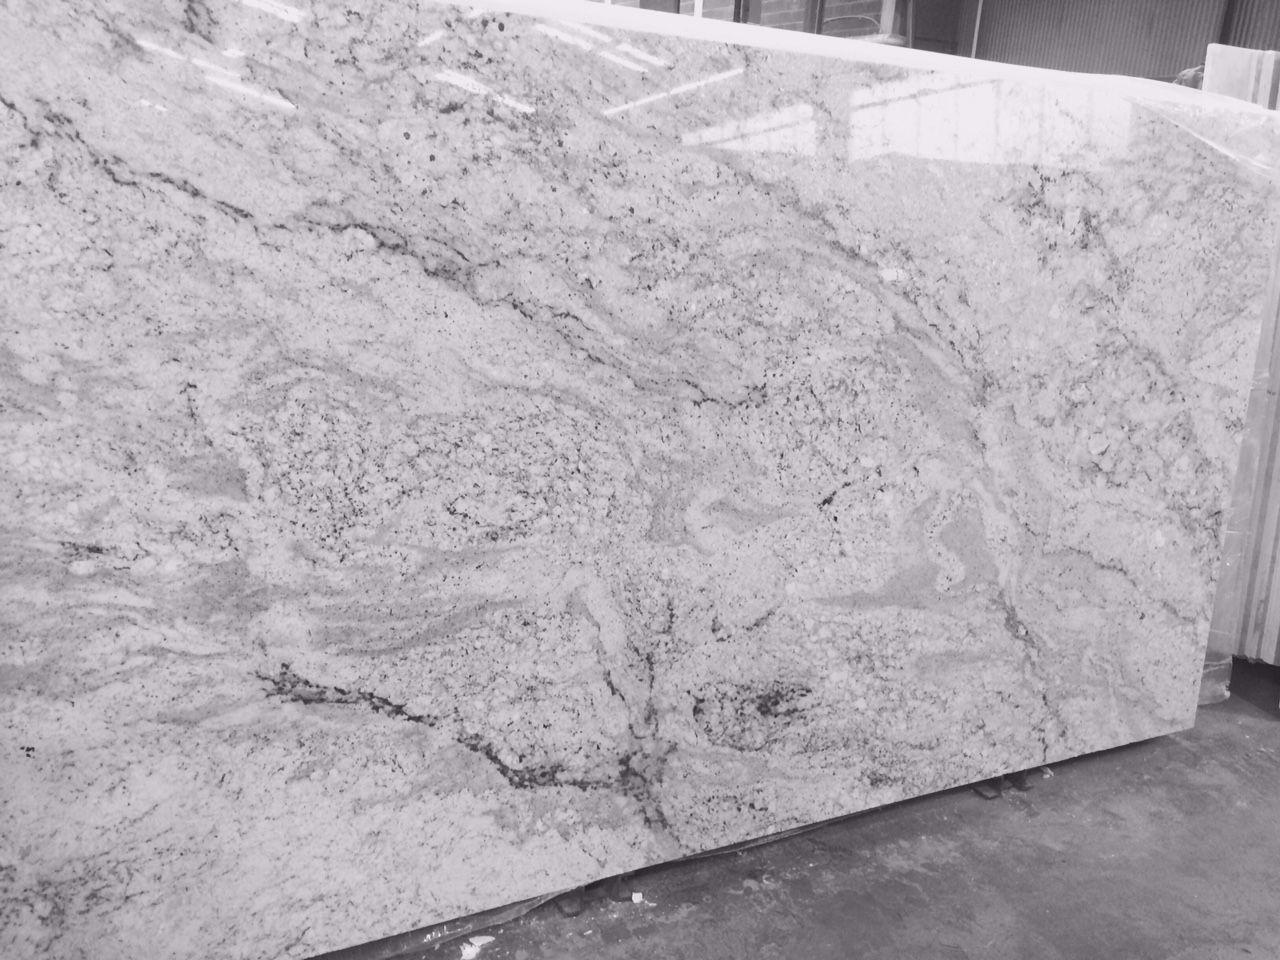 Dark Granite Countertops Pros And Cons Granite Countertops Kitchen Kitchen Remodel Countertops Grey Countertops